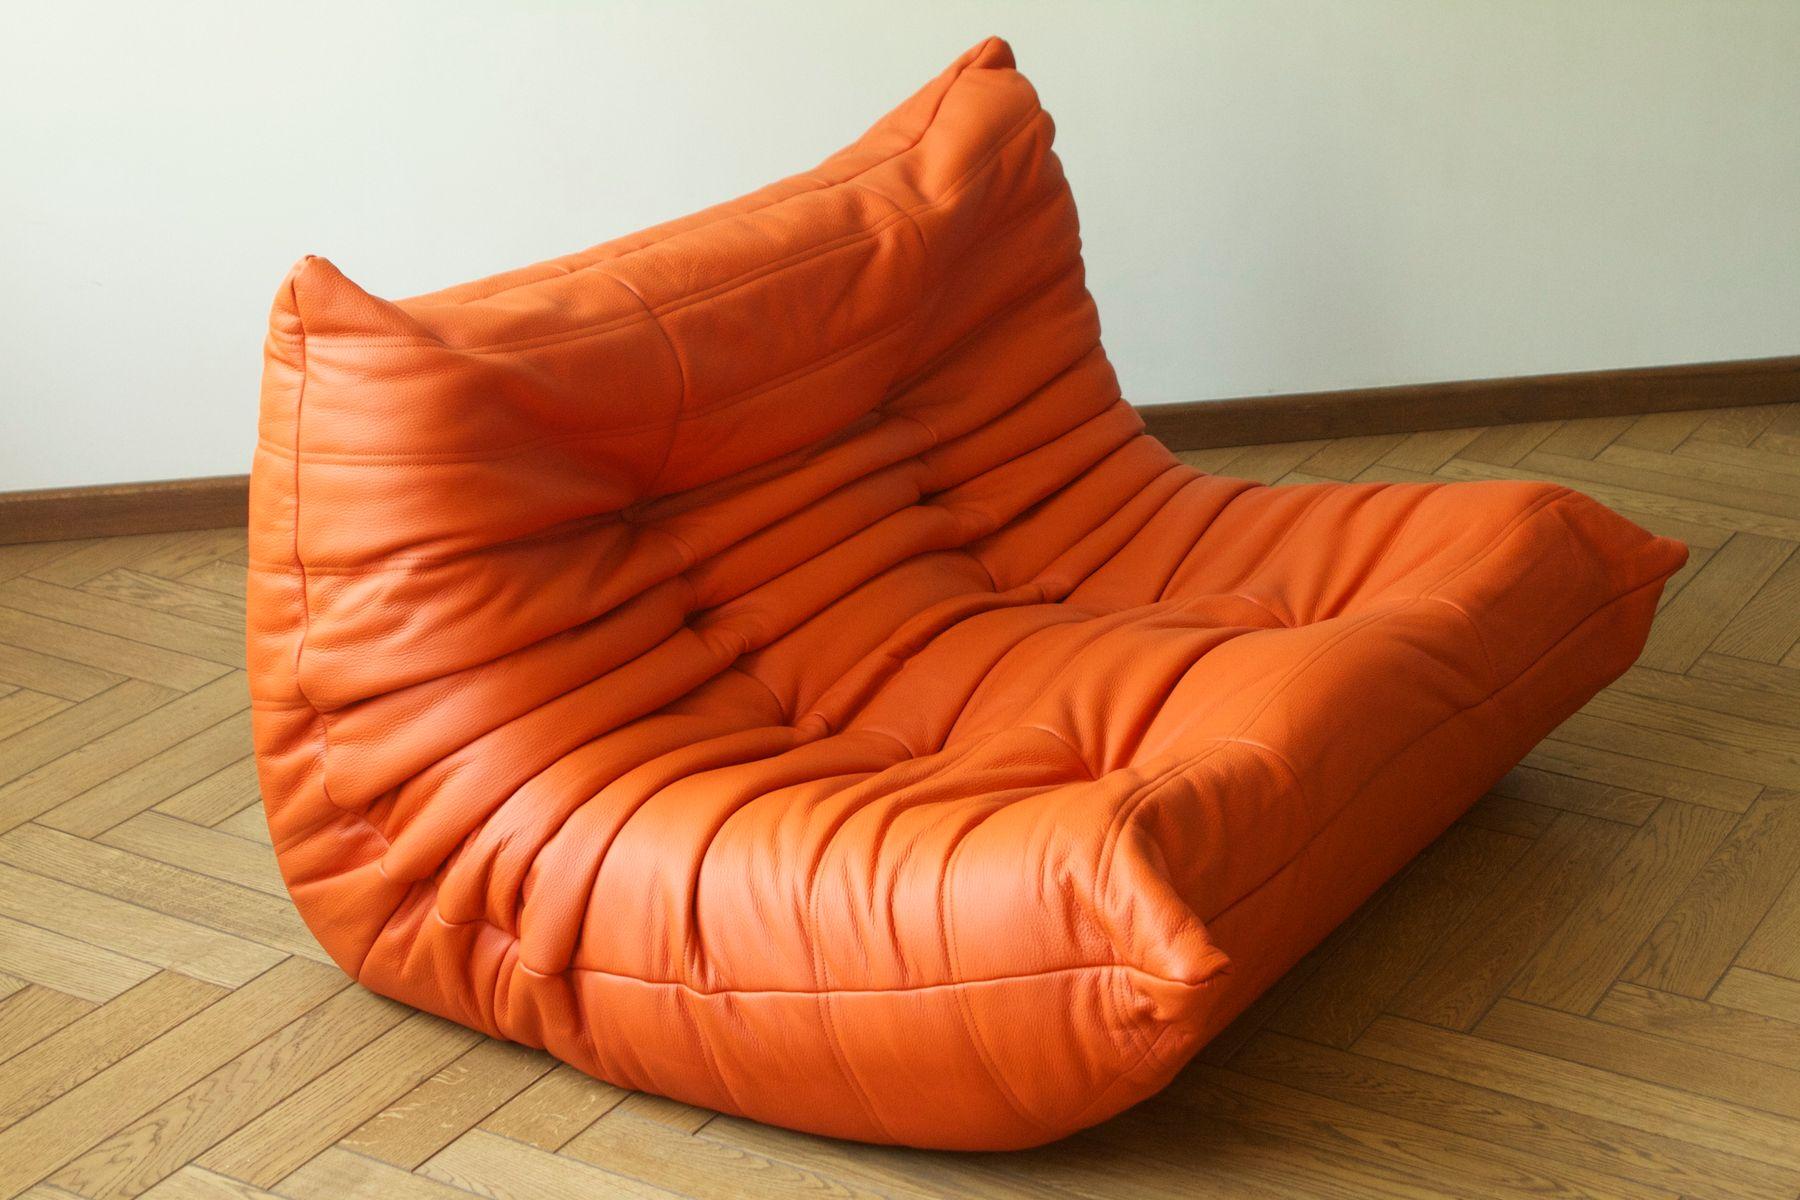 Canap togo 2 places en cuir orange par michel ducaroy pour ligne roset en ve - Ligne roset togo prix ...